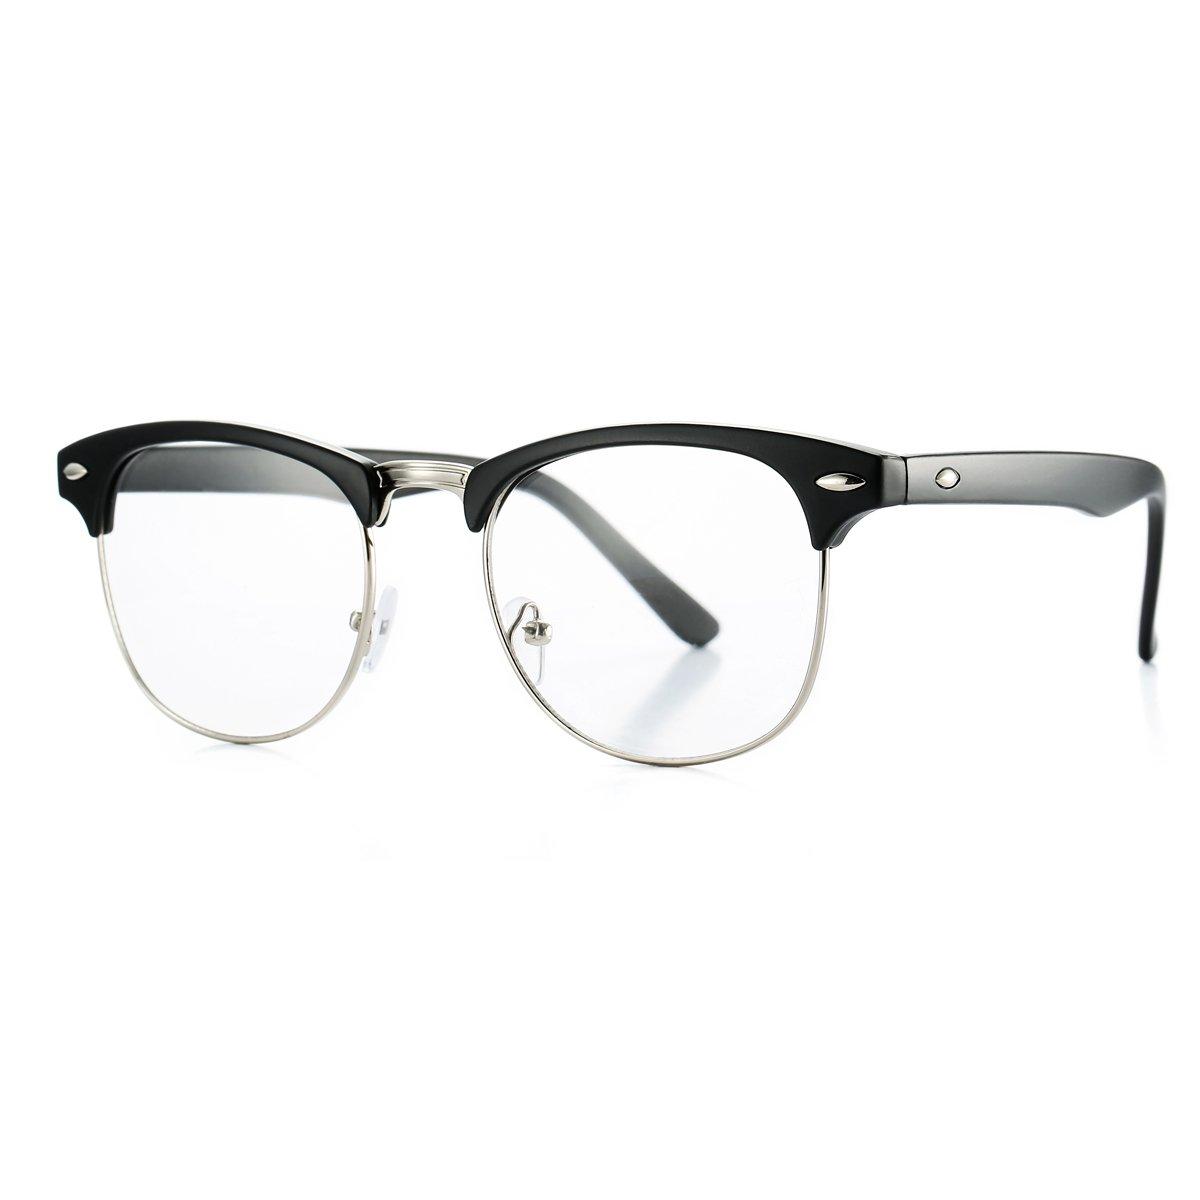 Fake Nerd Glasses Semi-Rimless Clubmaster Clear Lens Frame Horn Rimmed 51) AZ5154B